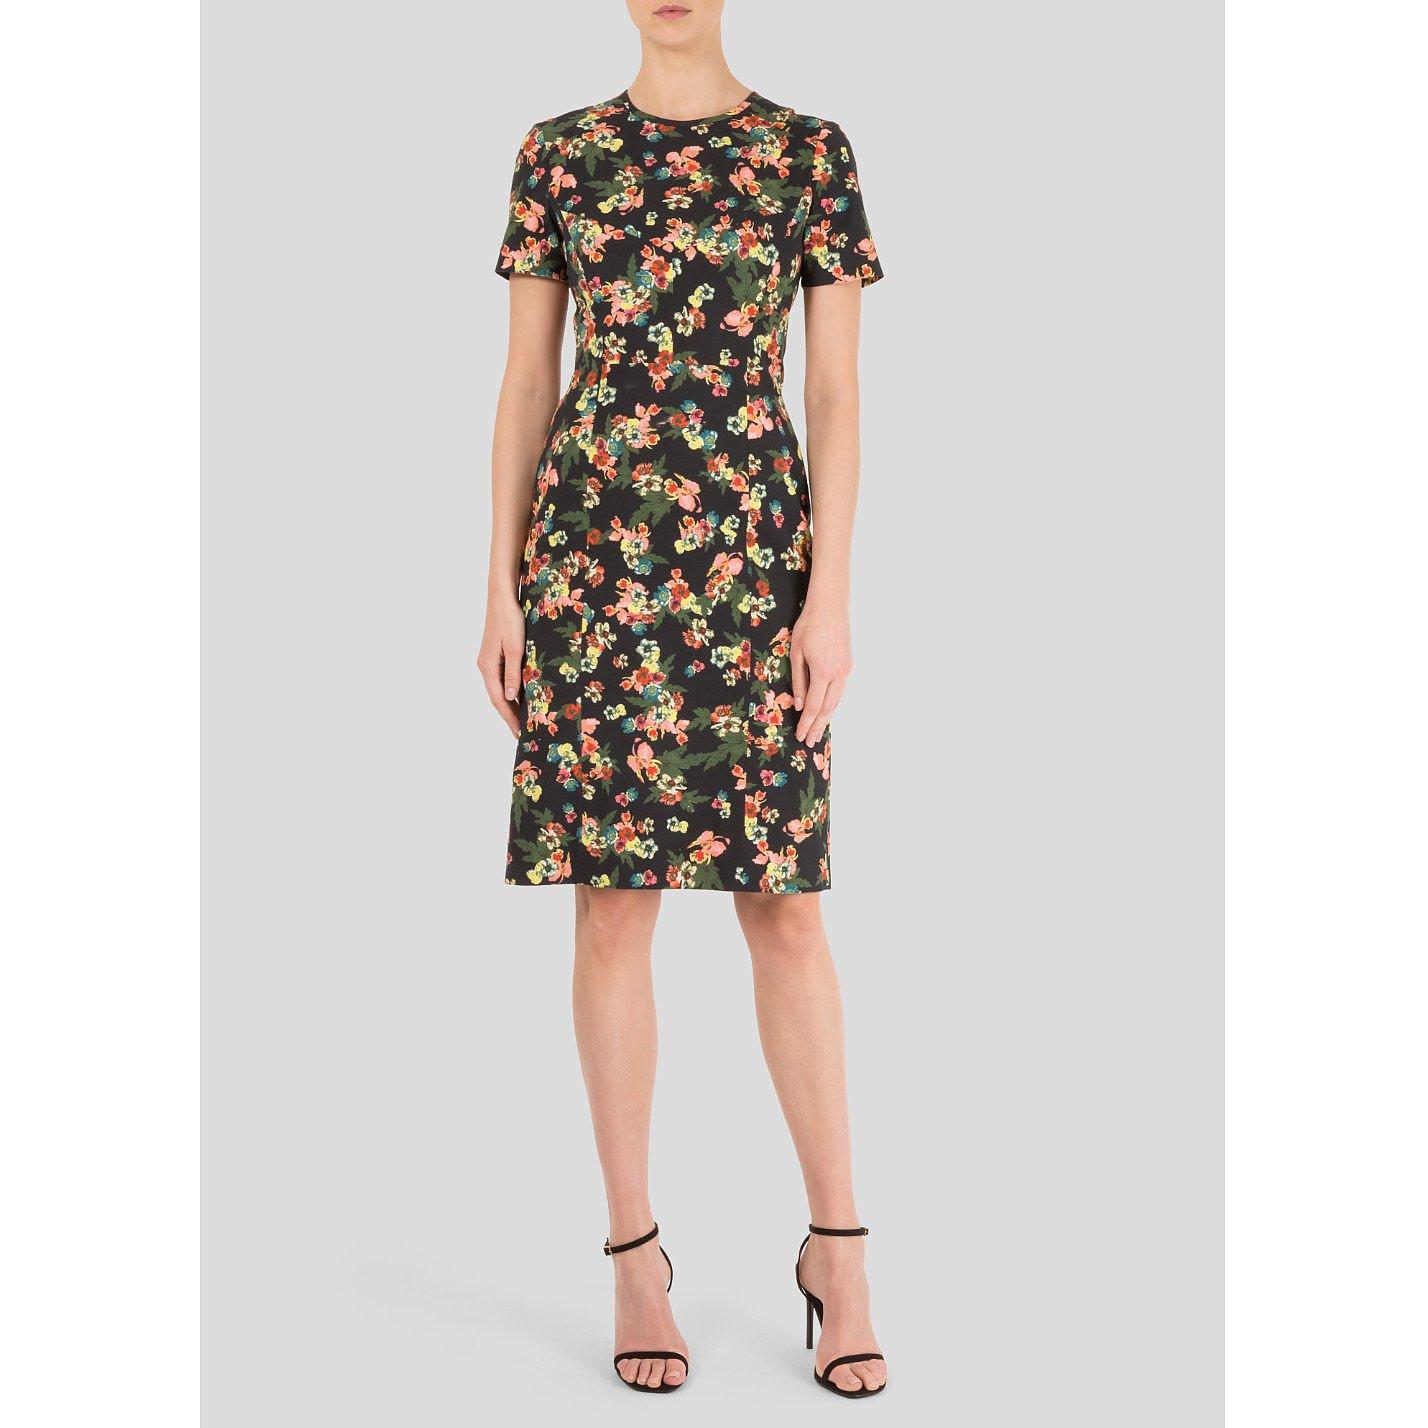 Erdem Inis Floral Dress